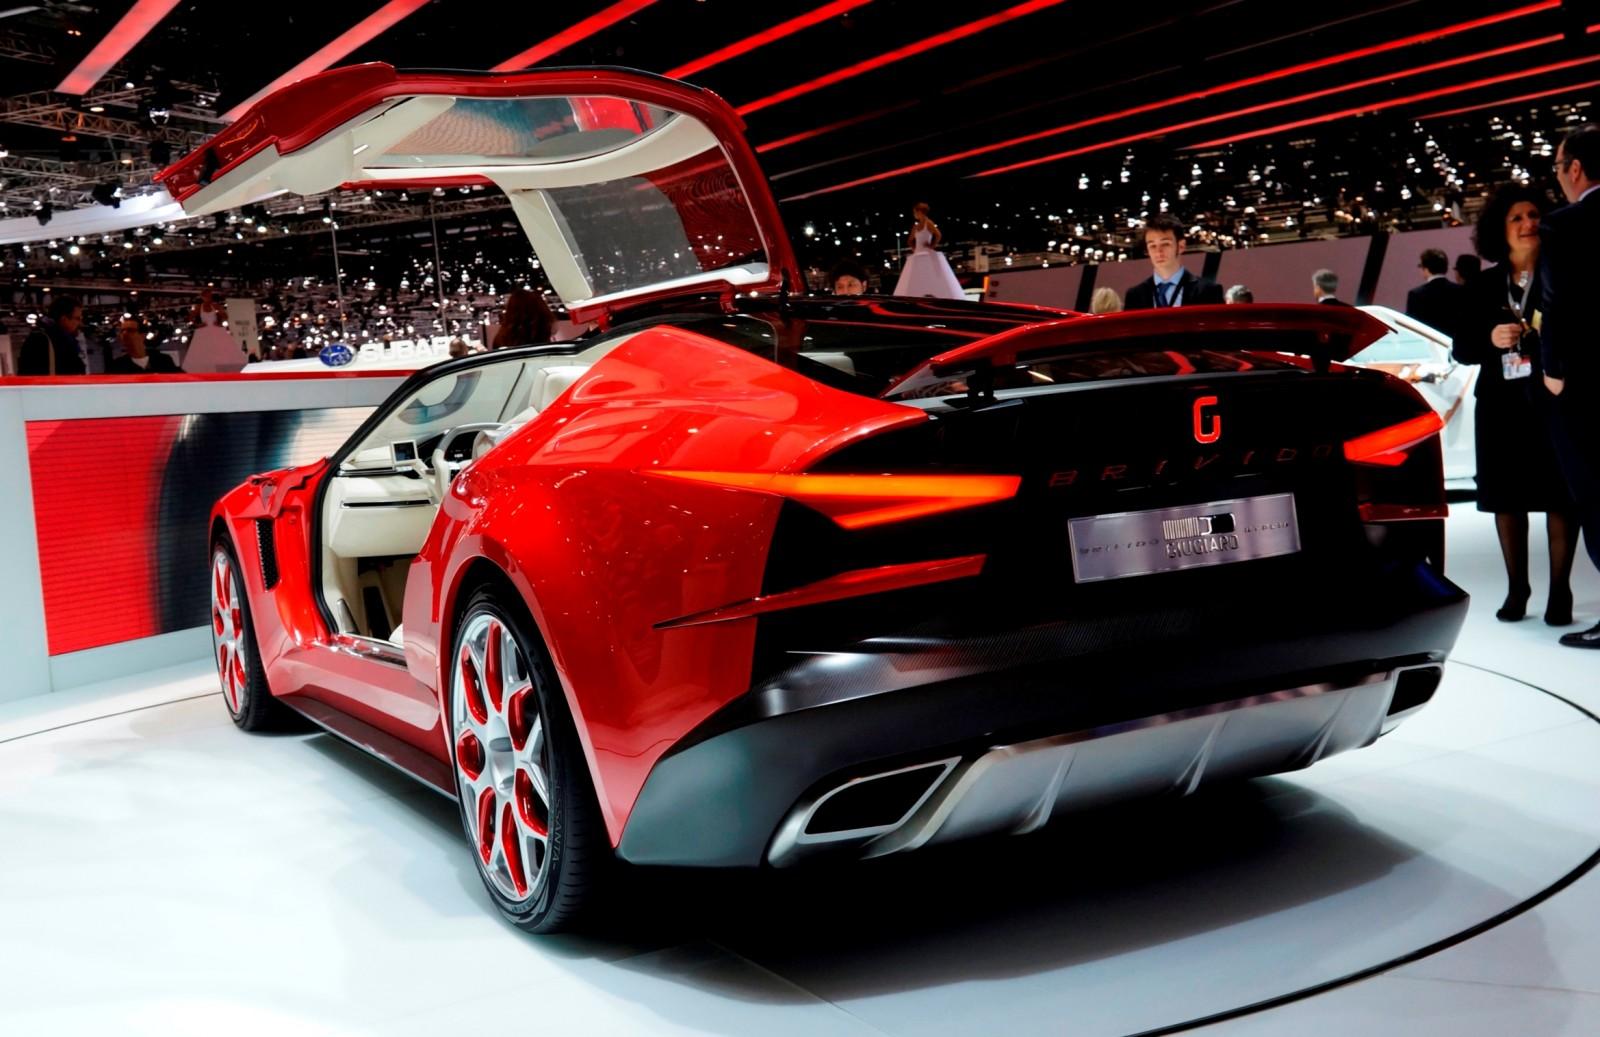 2012 ItalDesign Giugiaro BRIVIDO Concept 2